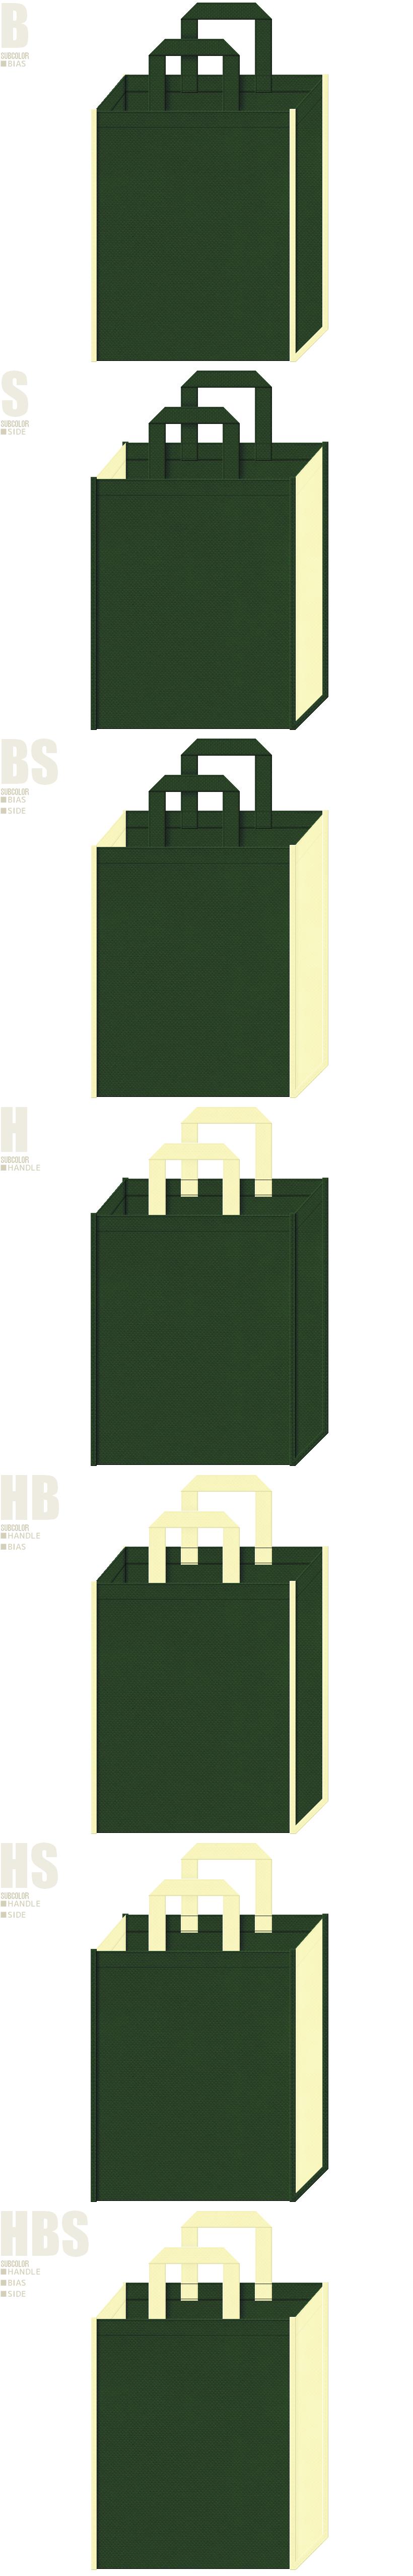 ランタン・照明器具・アウトドア・キャンプ用品の展示会用バッグにお奨めの不織布バッグデザイン:濃緑色と薄黄色の不織布バッグ配色7パターン。